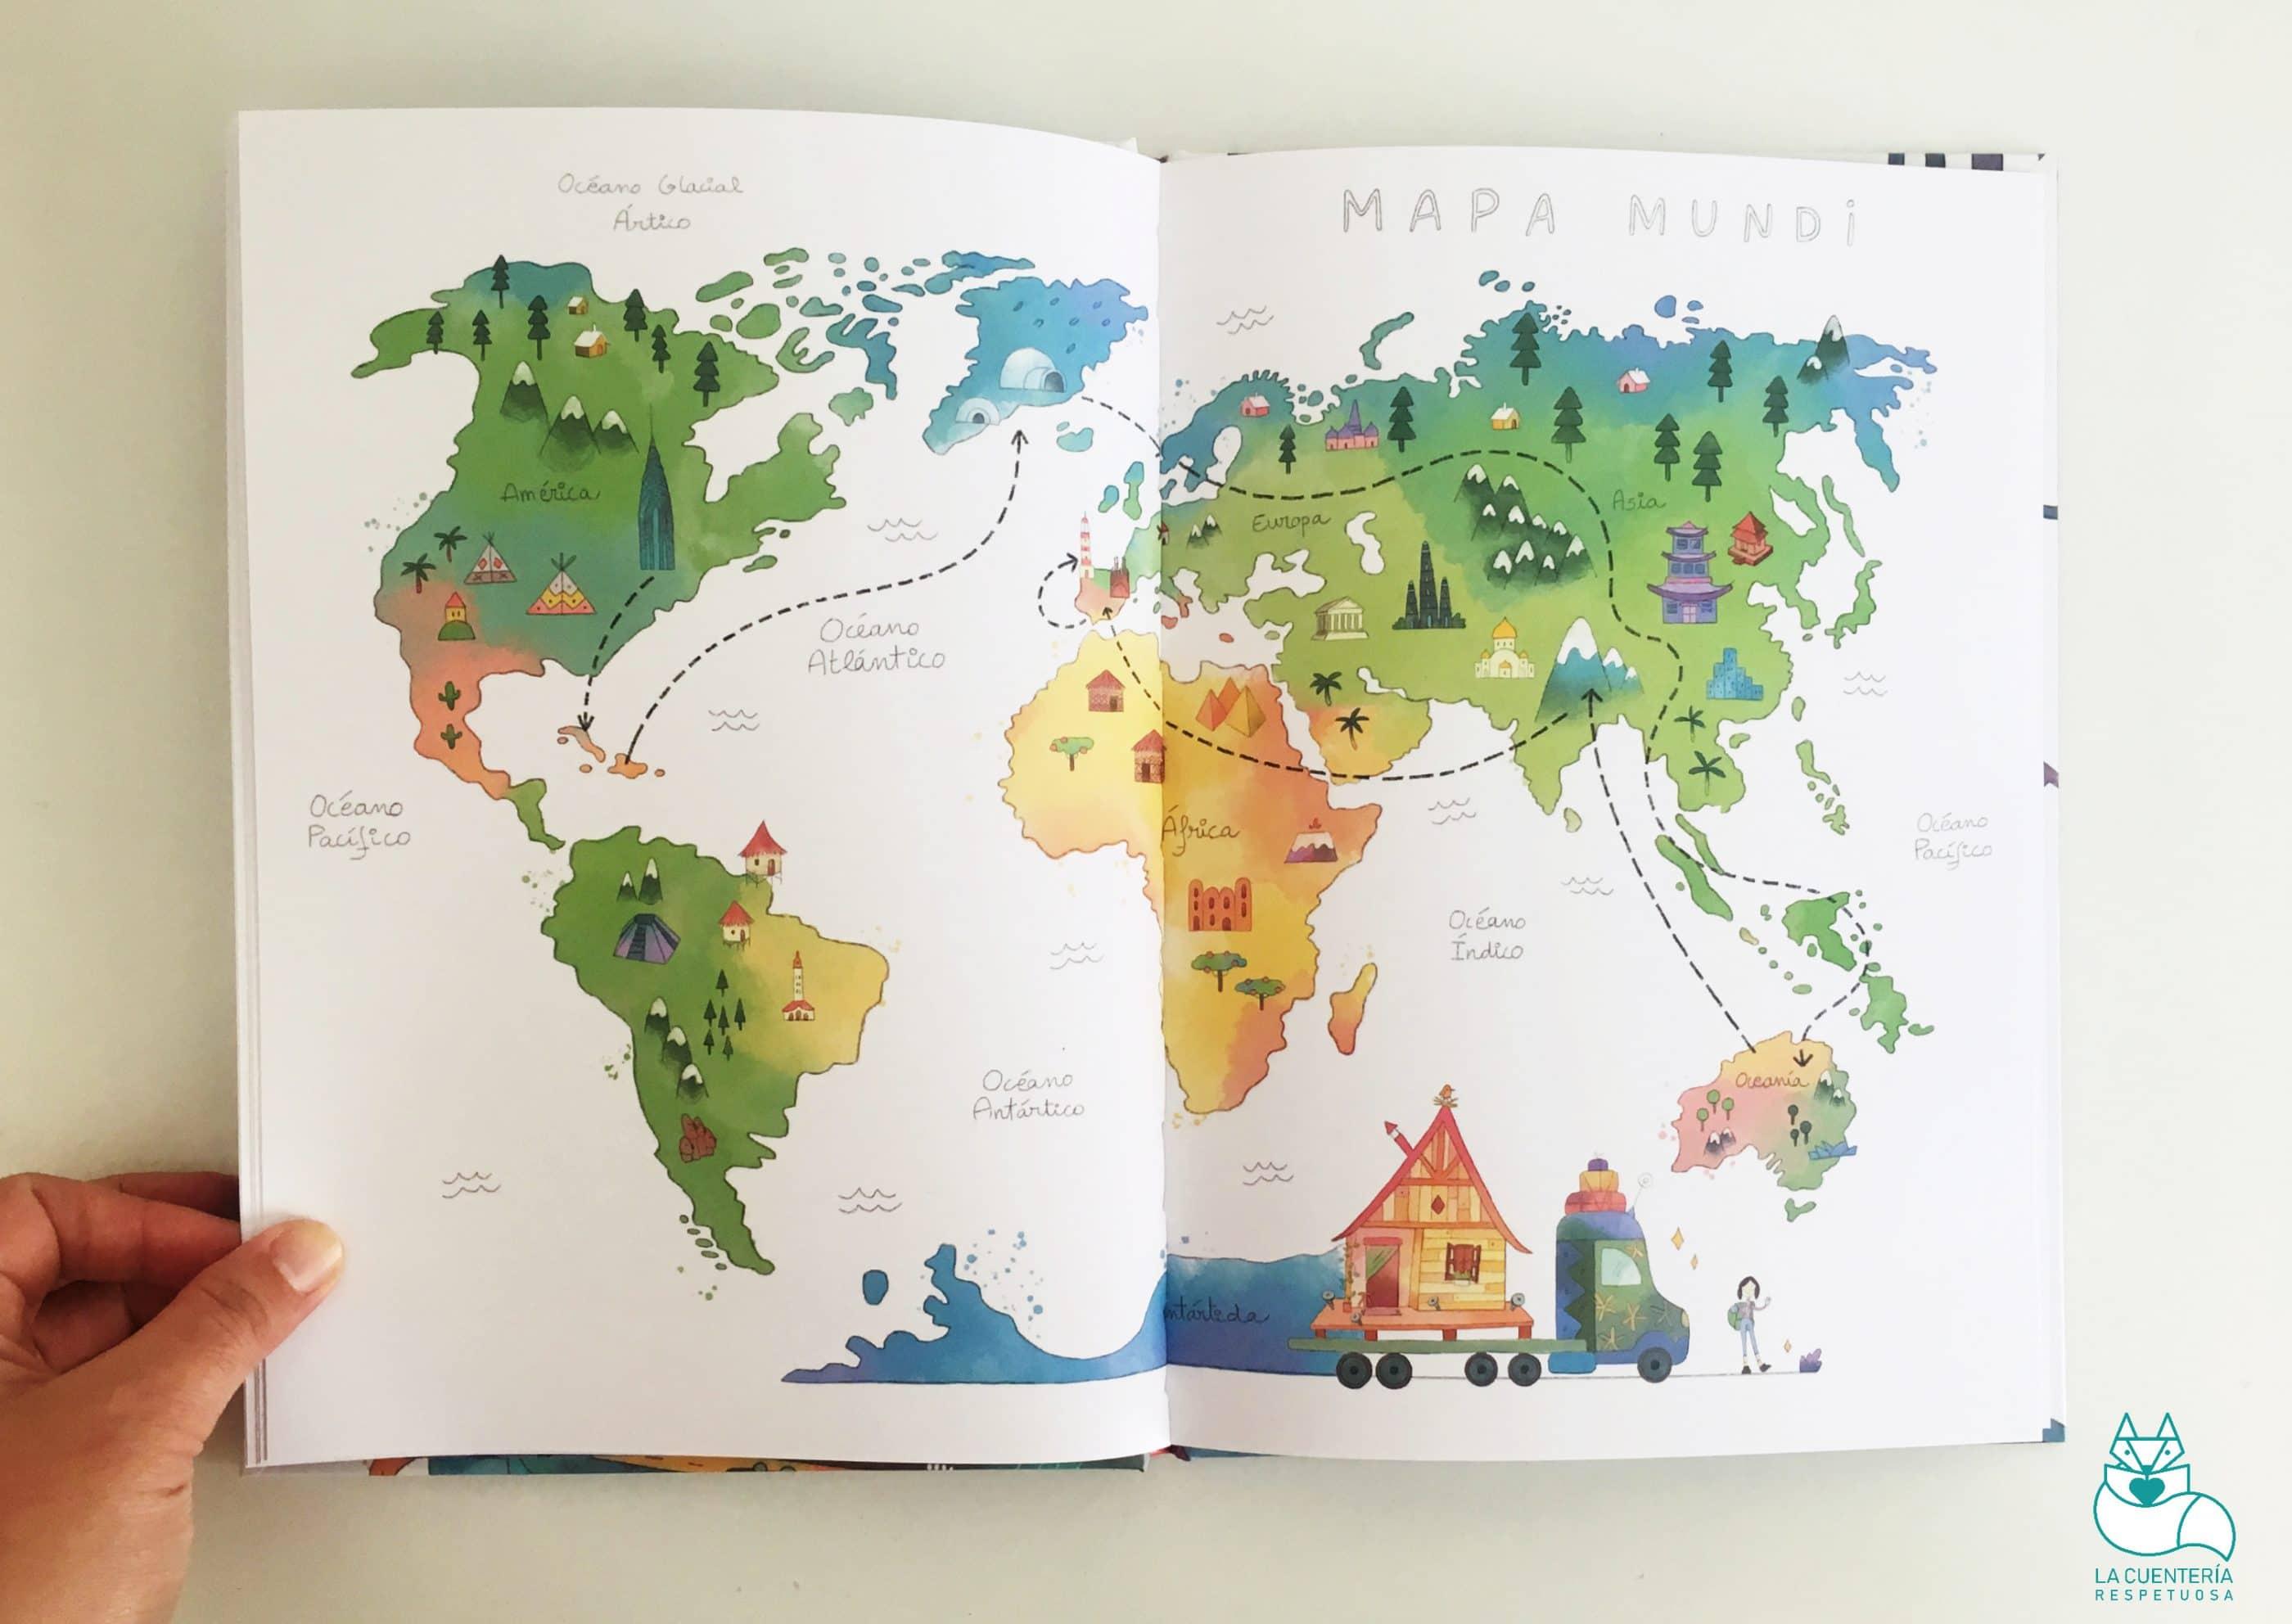 el mapamundi de Gusti